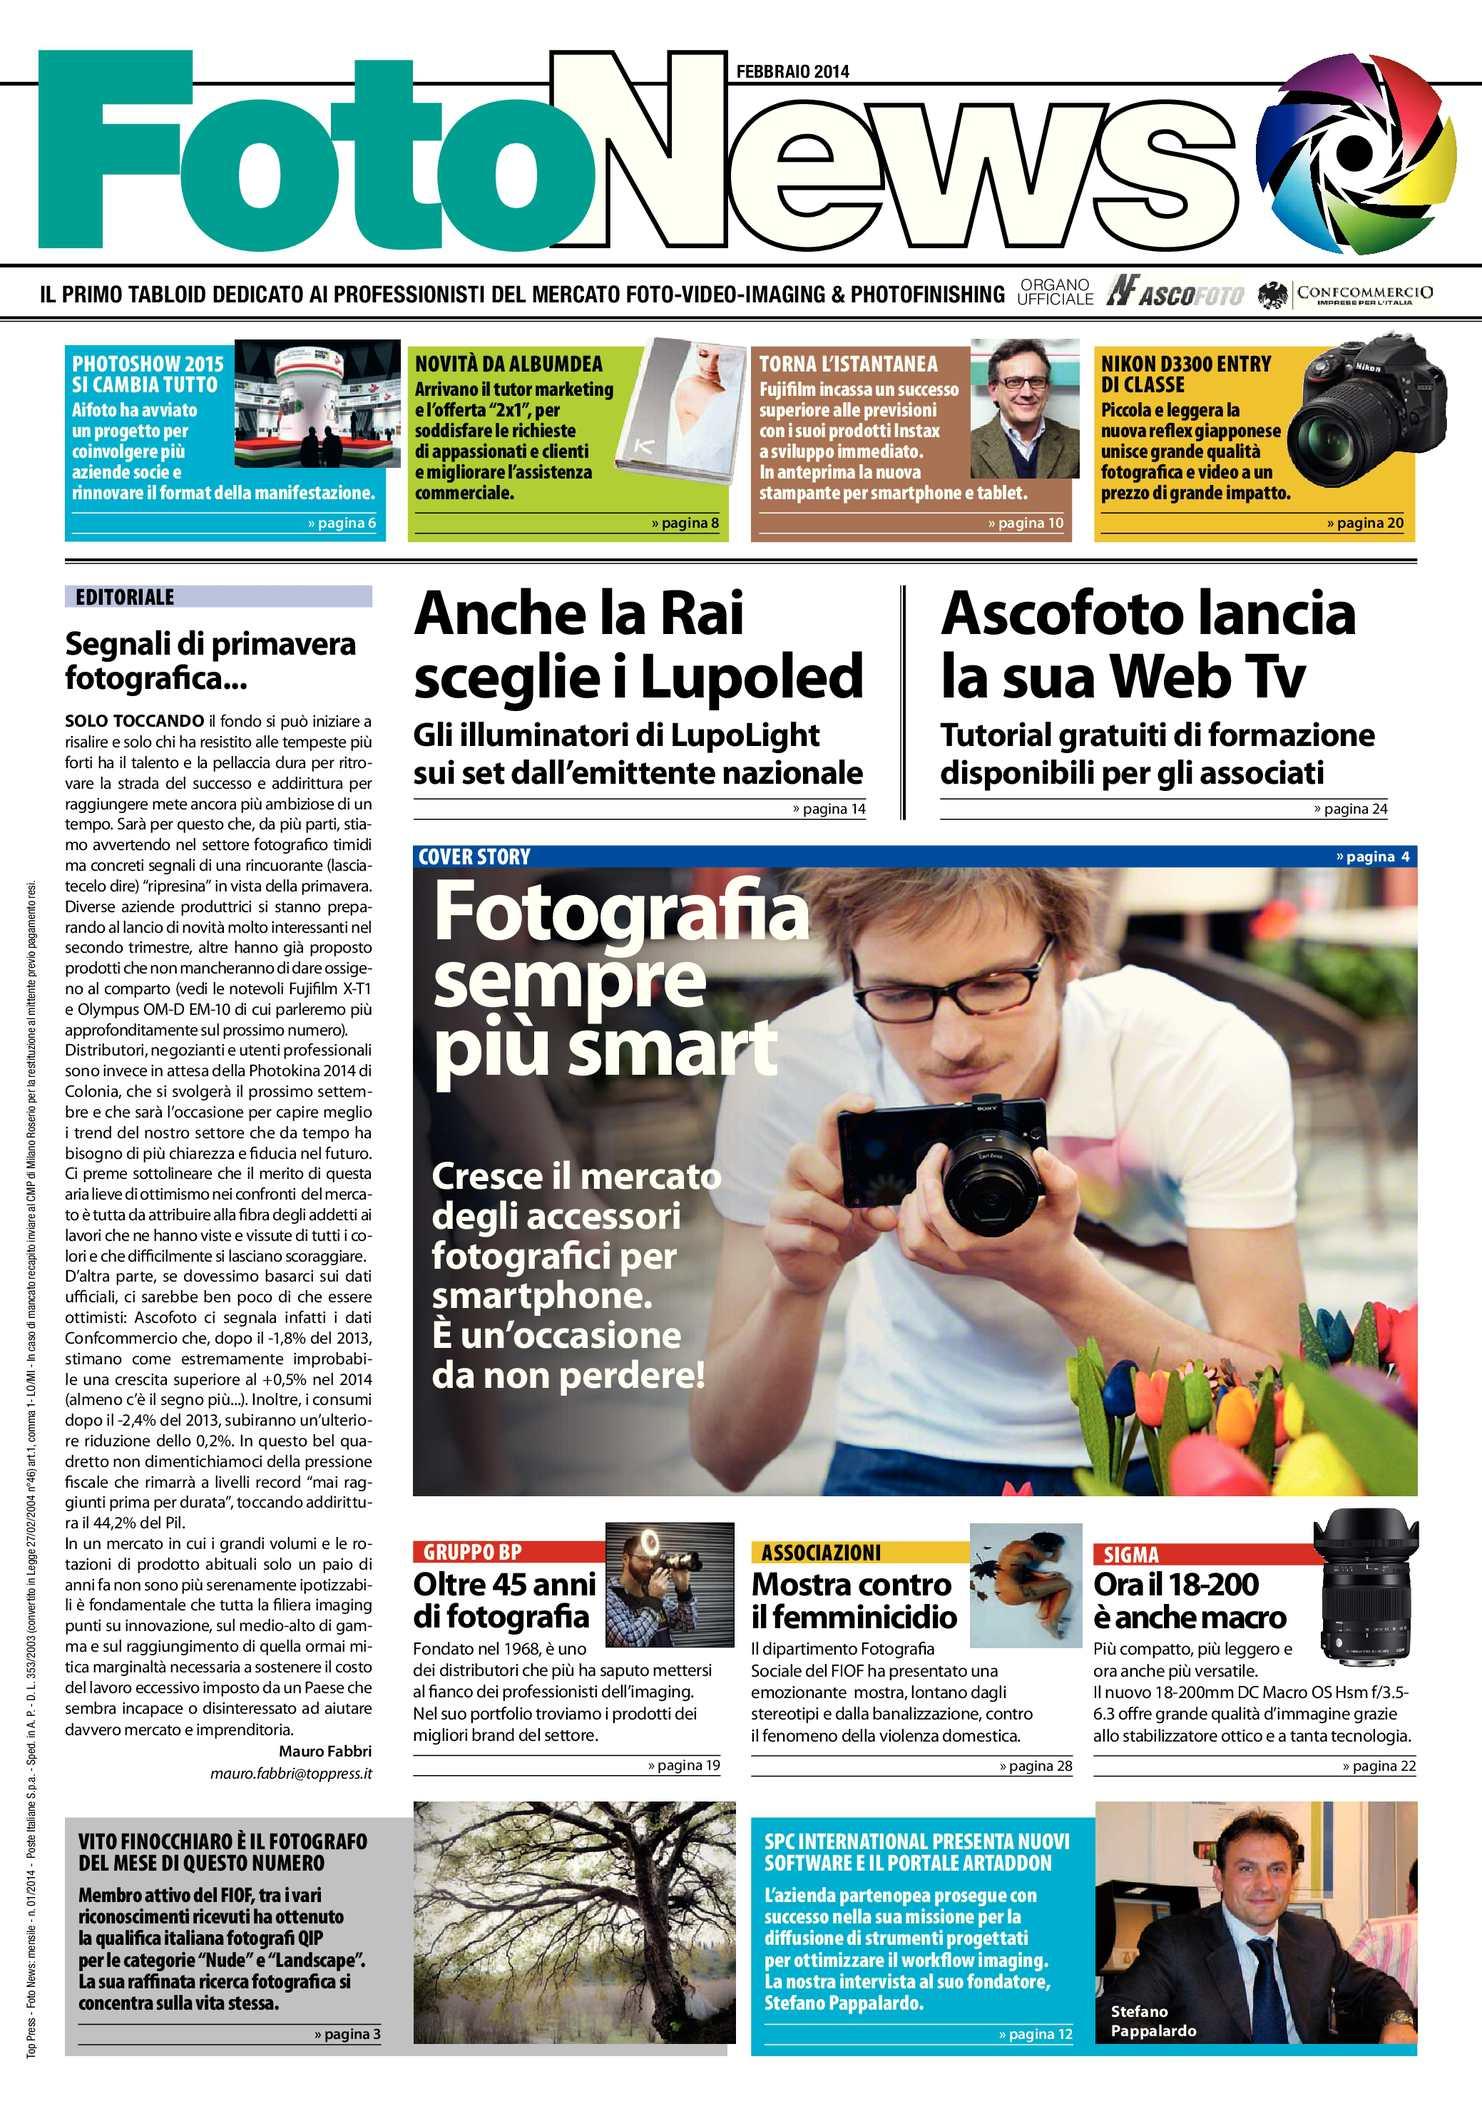 FotoNews 01/2014